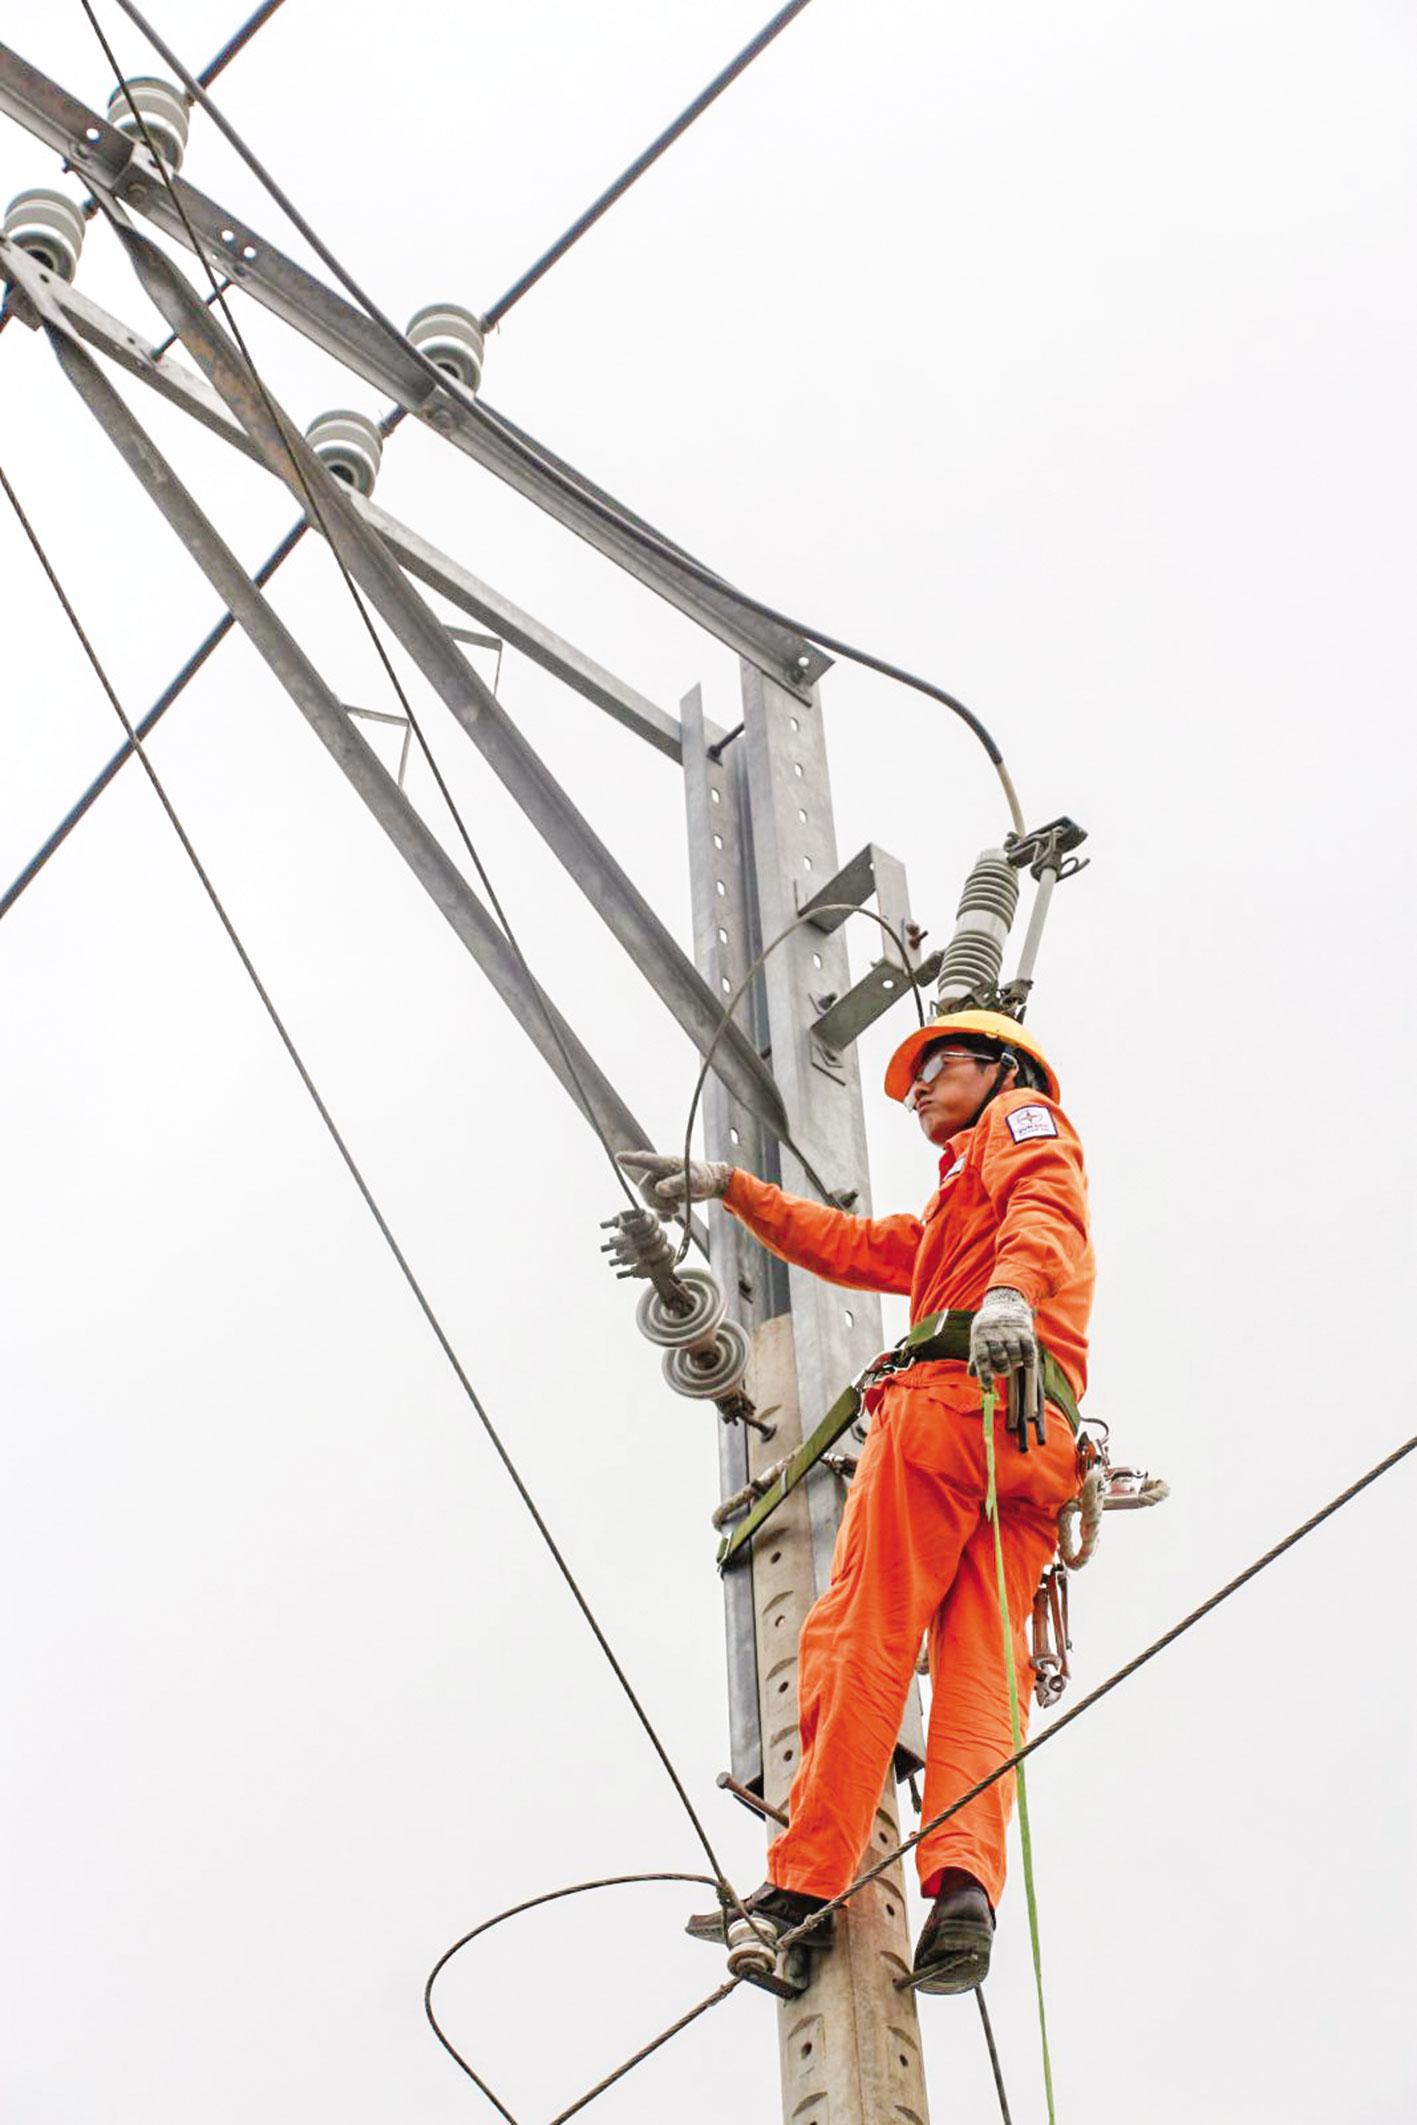 Để việc cung ứng điện được đảm bảo, an toàn trong mùa nắng nóng, PC Cần Thơ thường xuyên thực hiện công tác bảo trì lưới điện. Ảnh: KHÁNH NAM